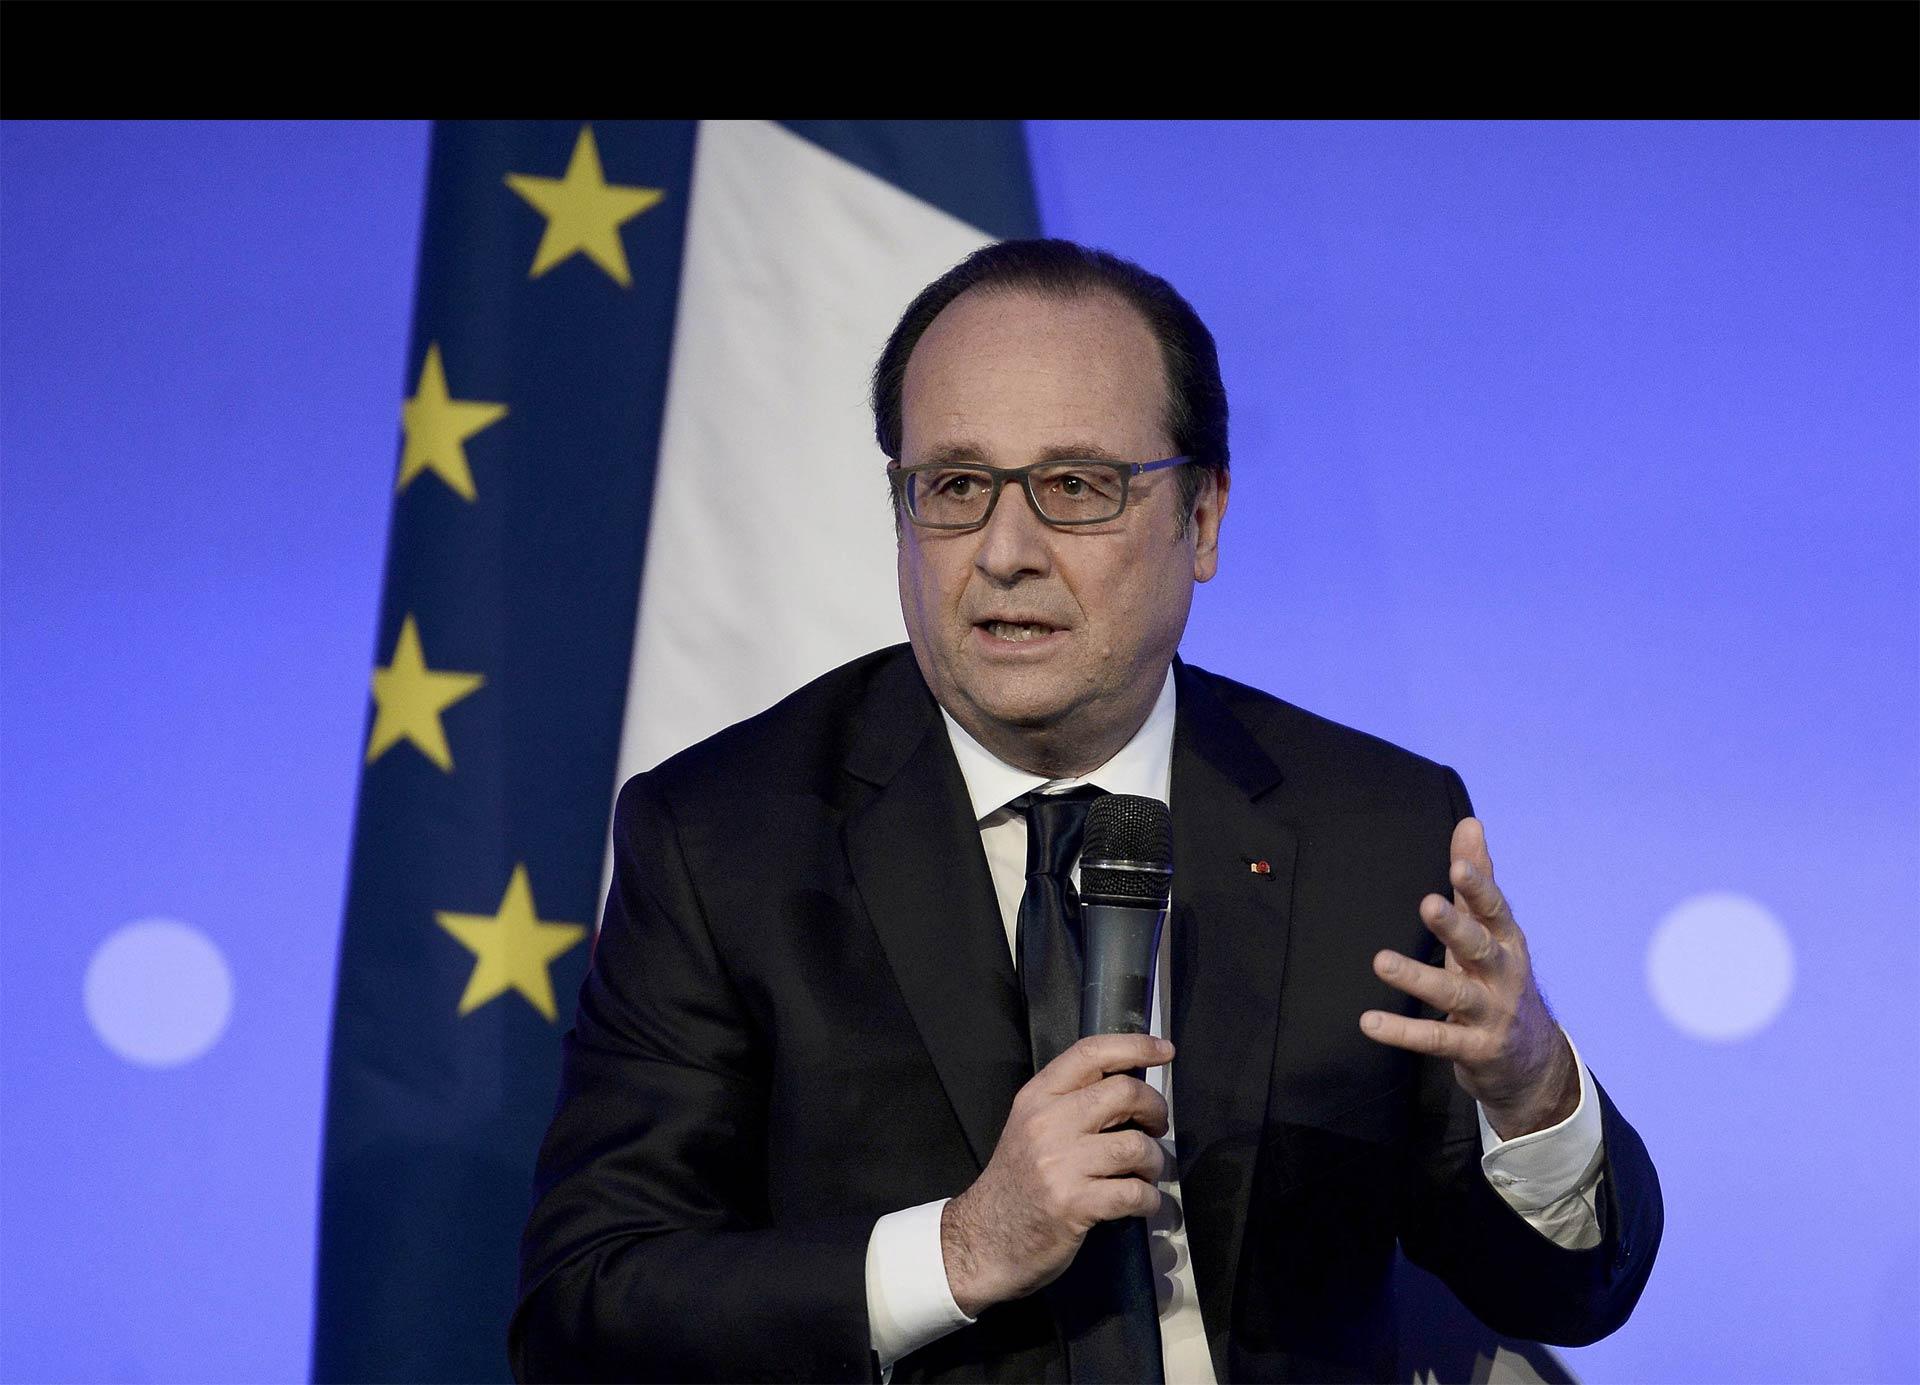 Hollande se mostró en desacuerdo con las cosas planteadas en esta fase de la negociación